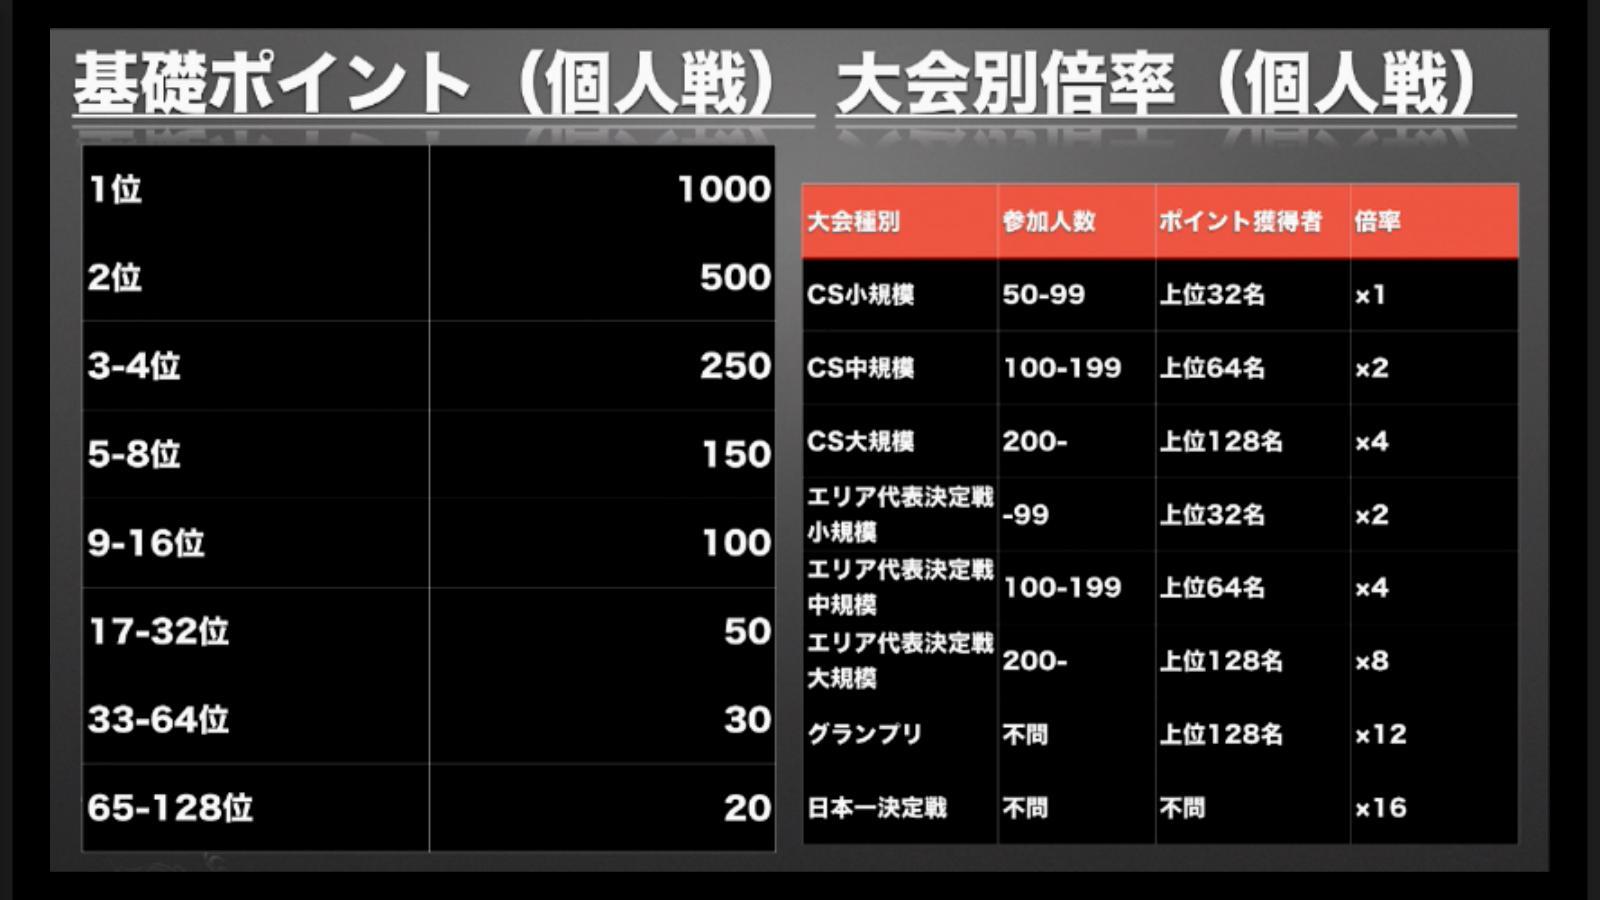 dm-kakumei-finalcup-news-170226-079.jpg